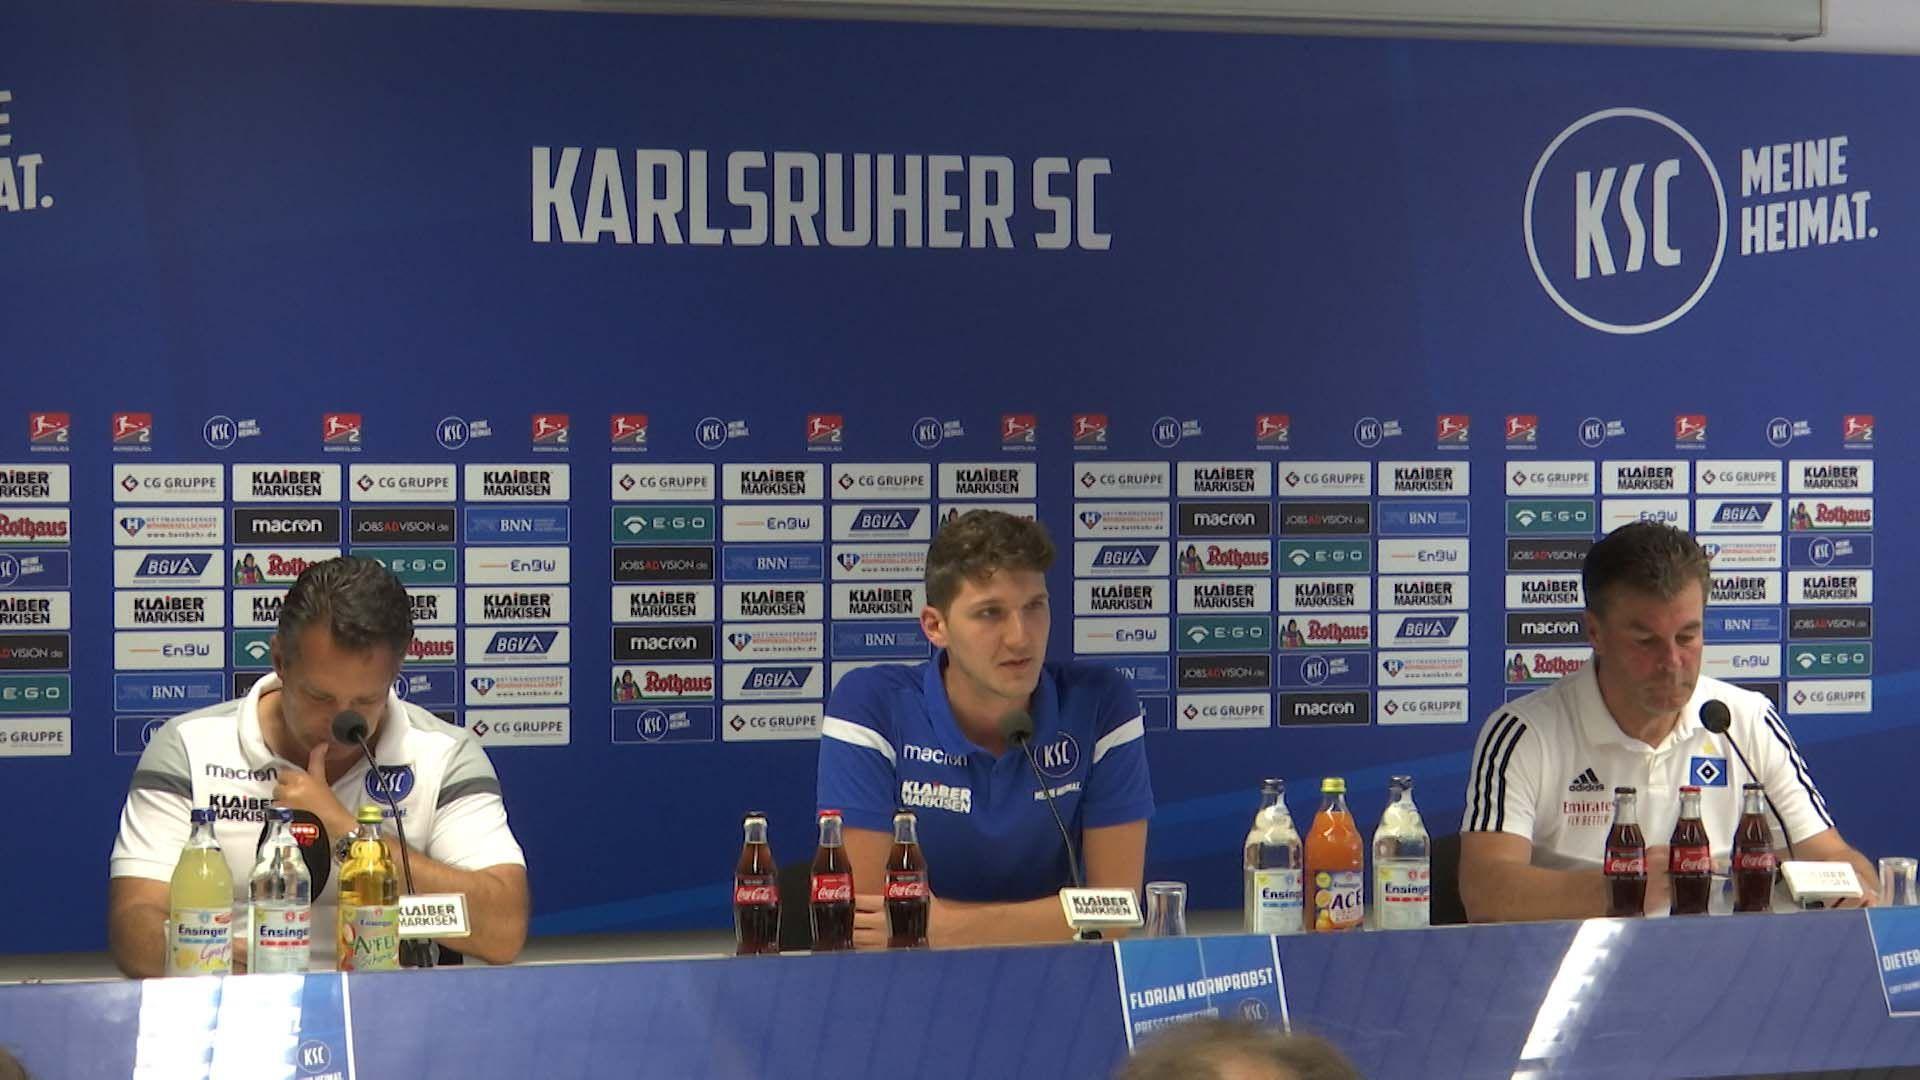 Karlsruhe Hamburg Live